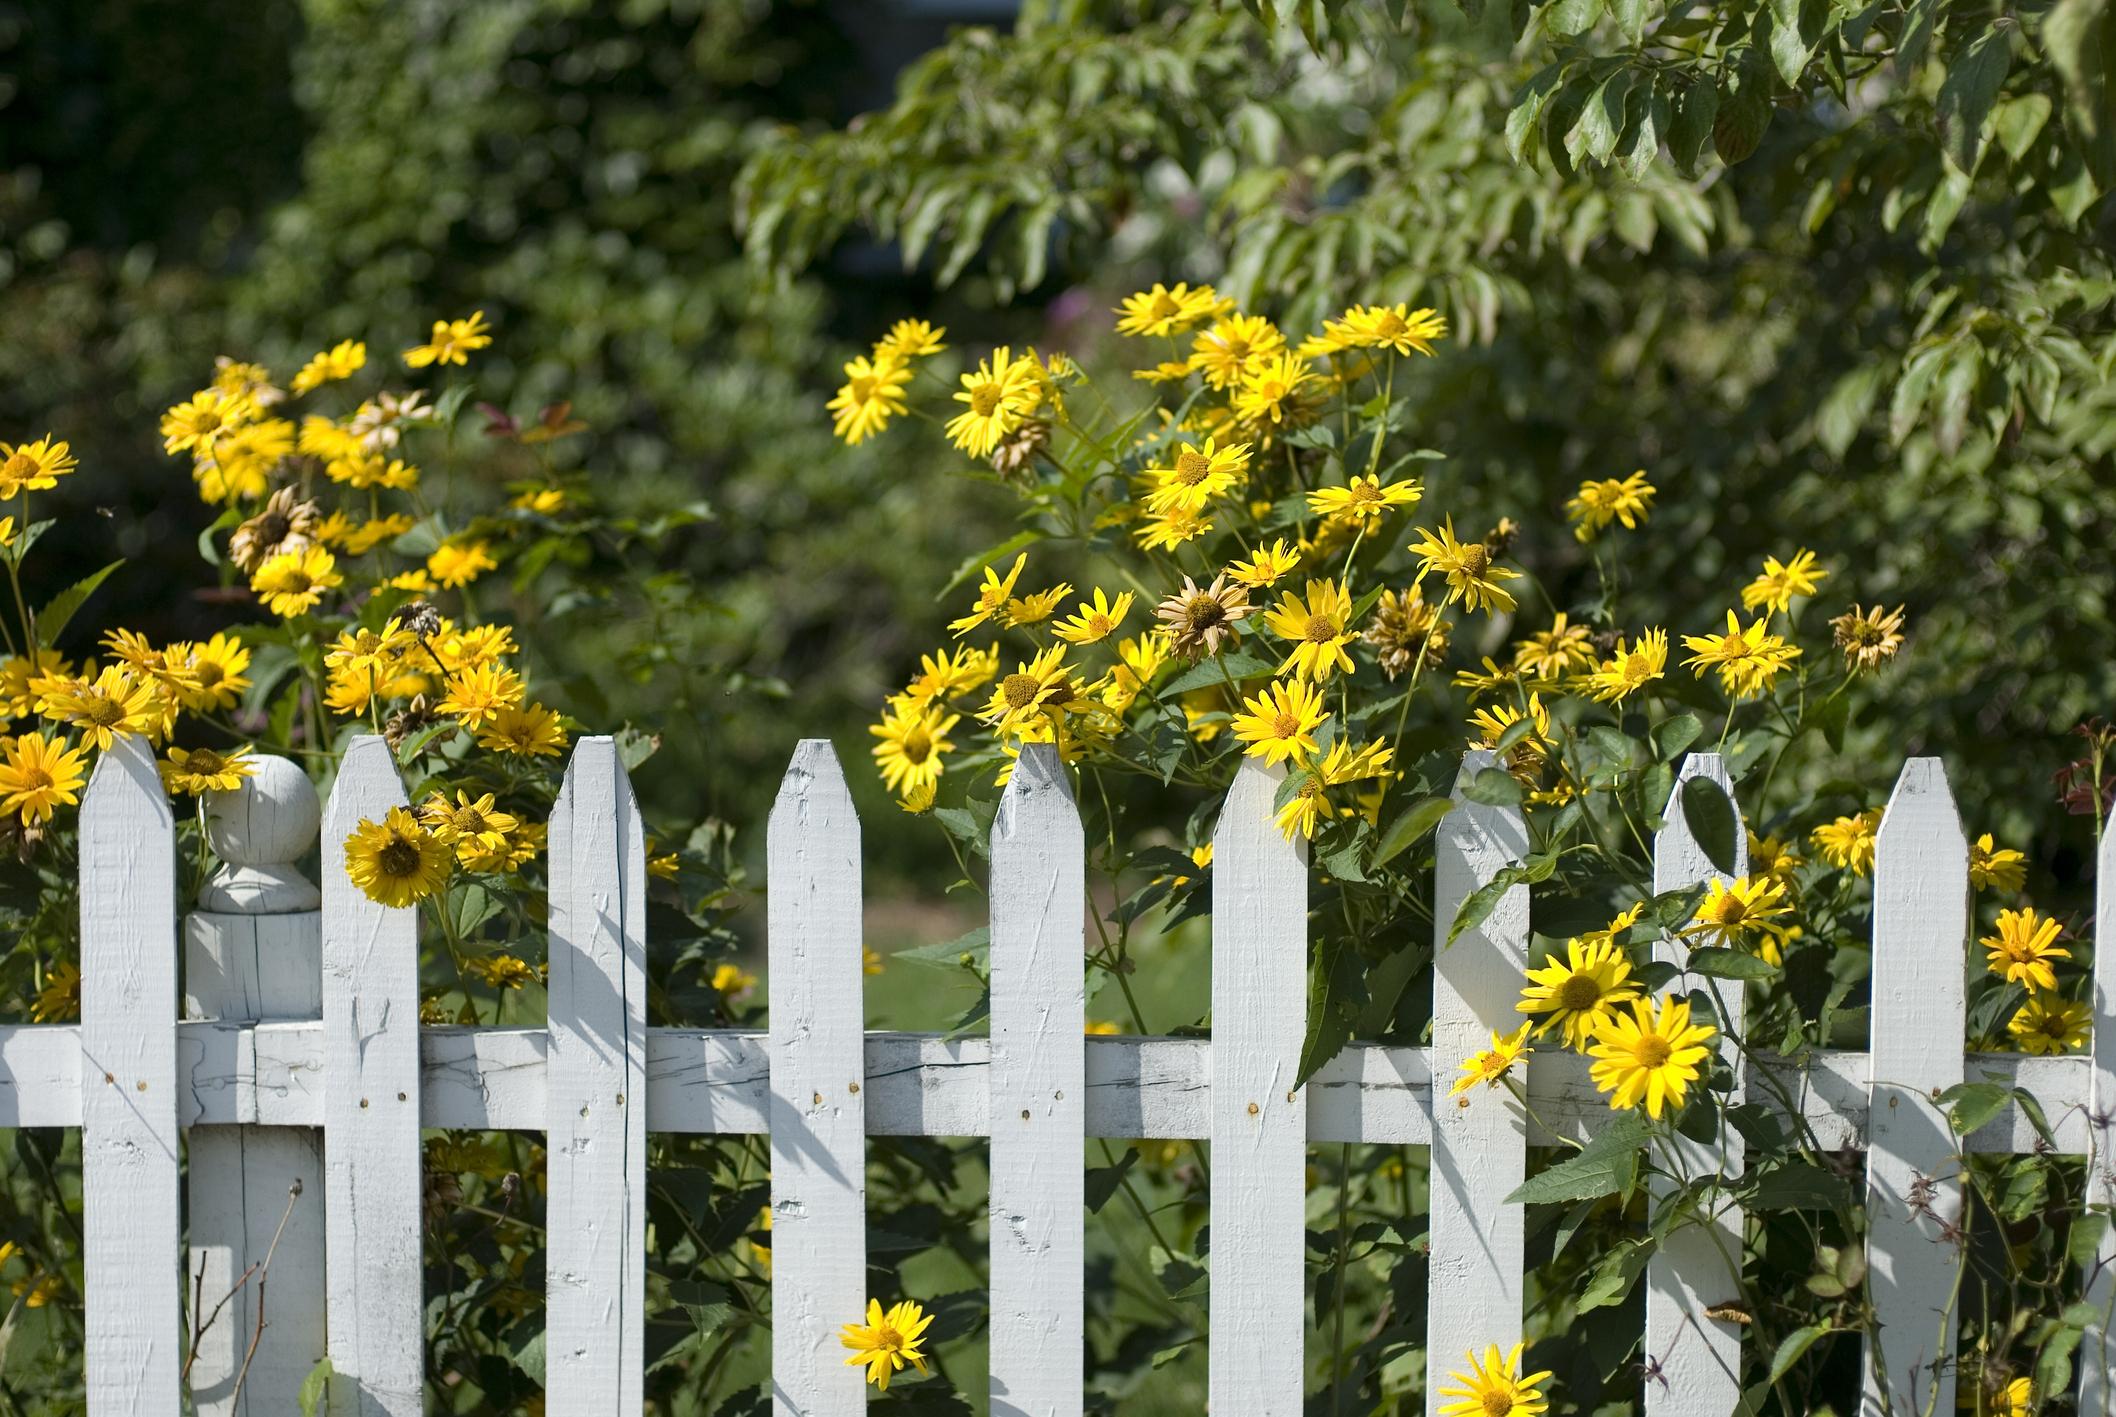 Zaun zum Nachbarn Wie hoch darf ein Zaun sein